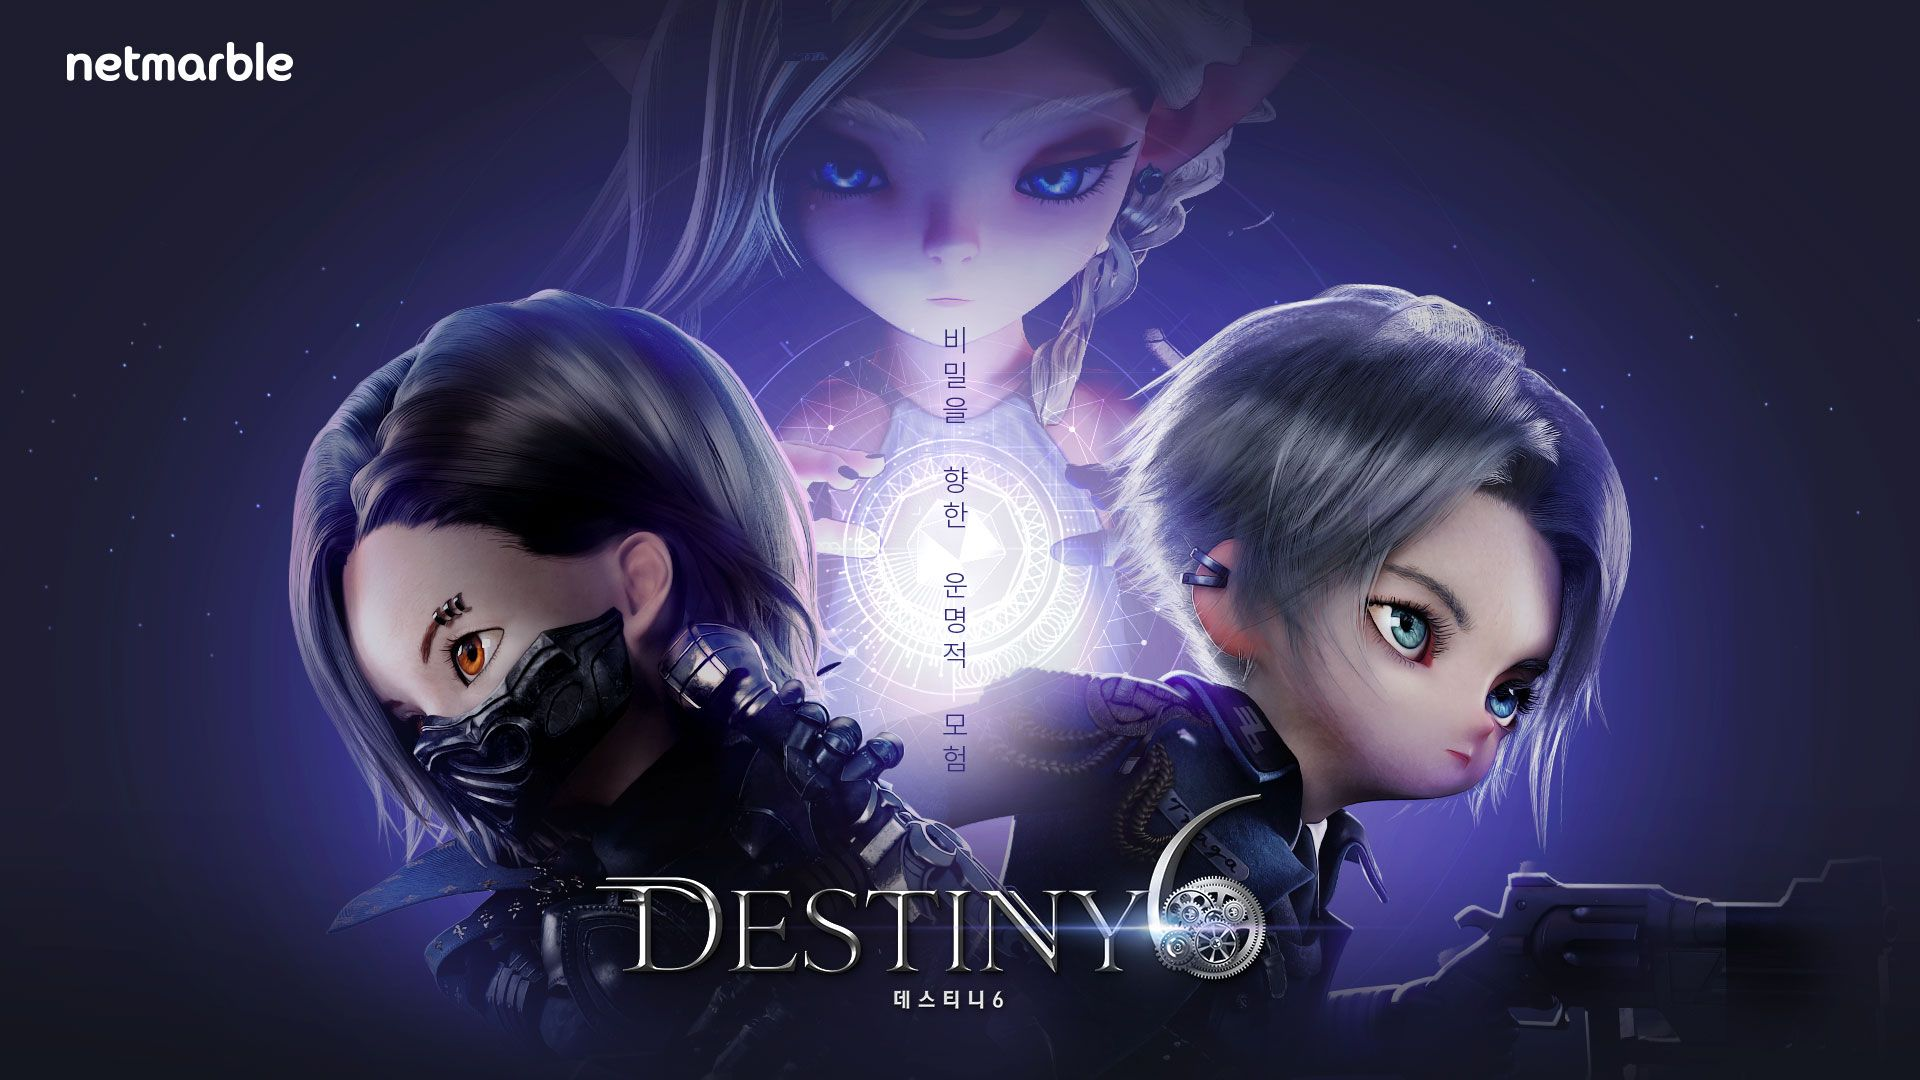 [2017] 데스티니6 _ 키아트 _ dark ver. Designer: YewonKim  Copyright ⓒ netmarble games corp. All rights Reserved.#promotion #game #데스티니6 #Destiny6 #keyart #poster